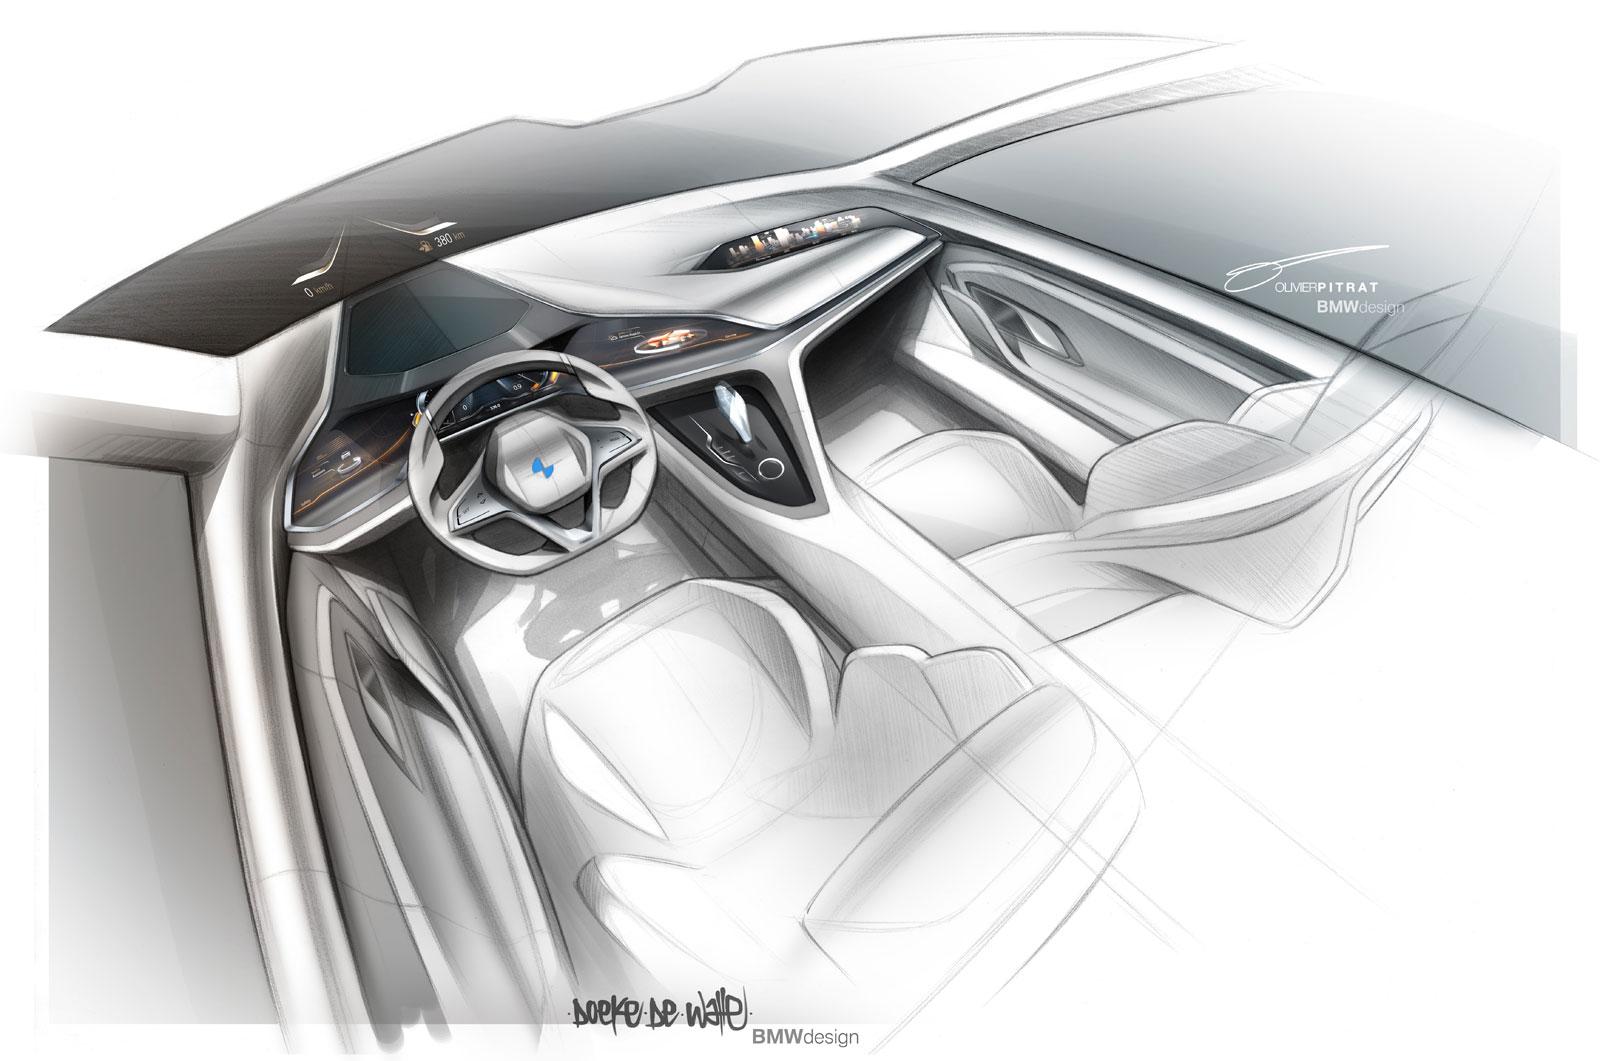 Bmw Vision Future Luxury Concept Interior Design Sketch By Doeke De Walle Car Body Design